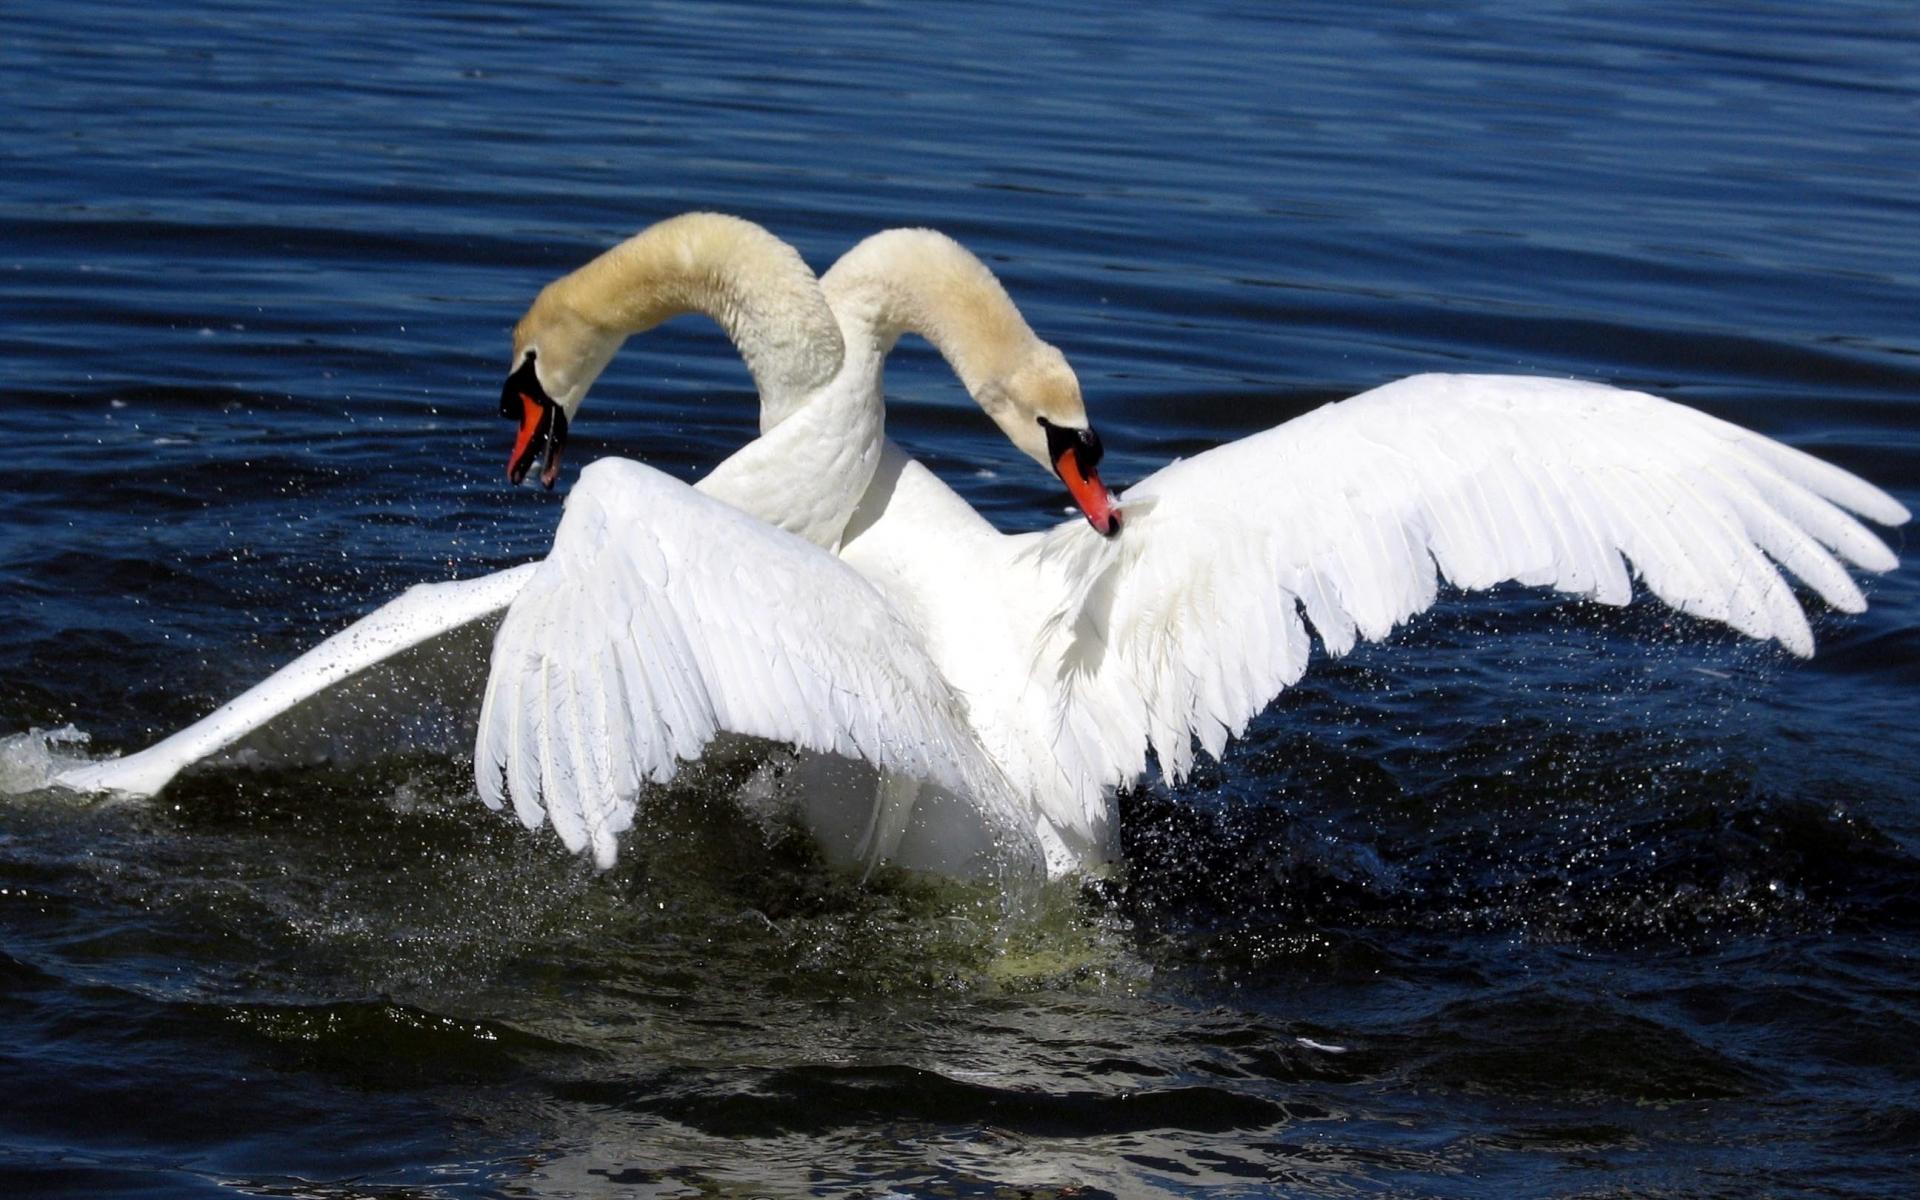 начальных этапах фото открытки лебедей пляж, красивая